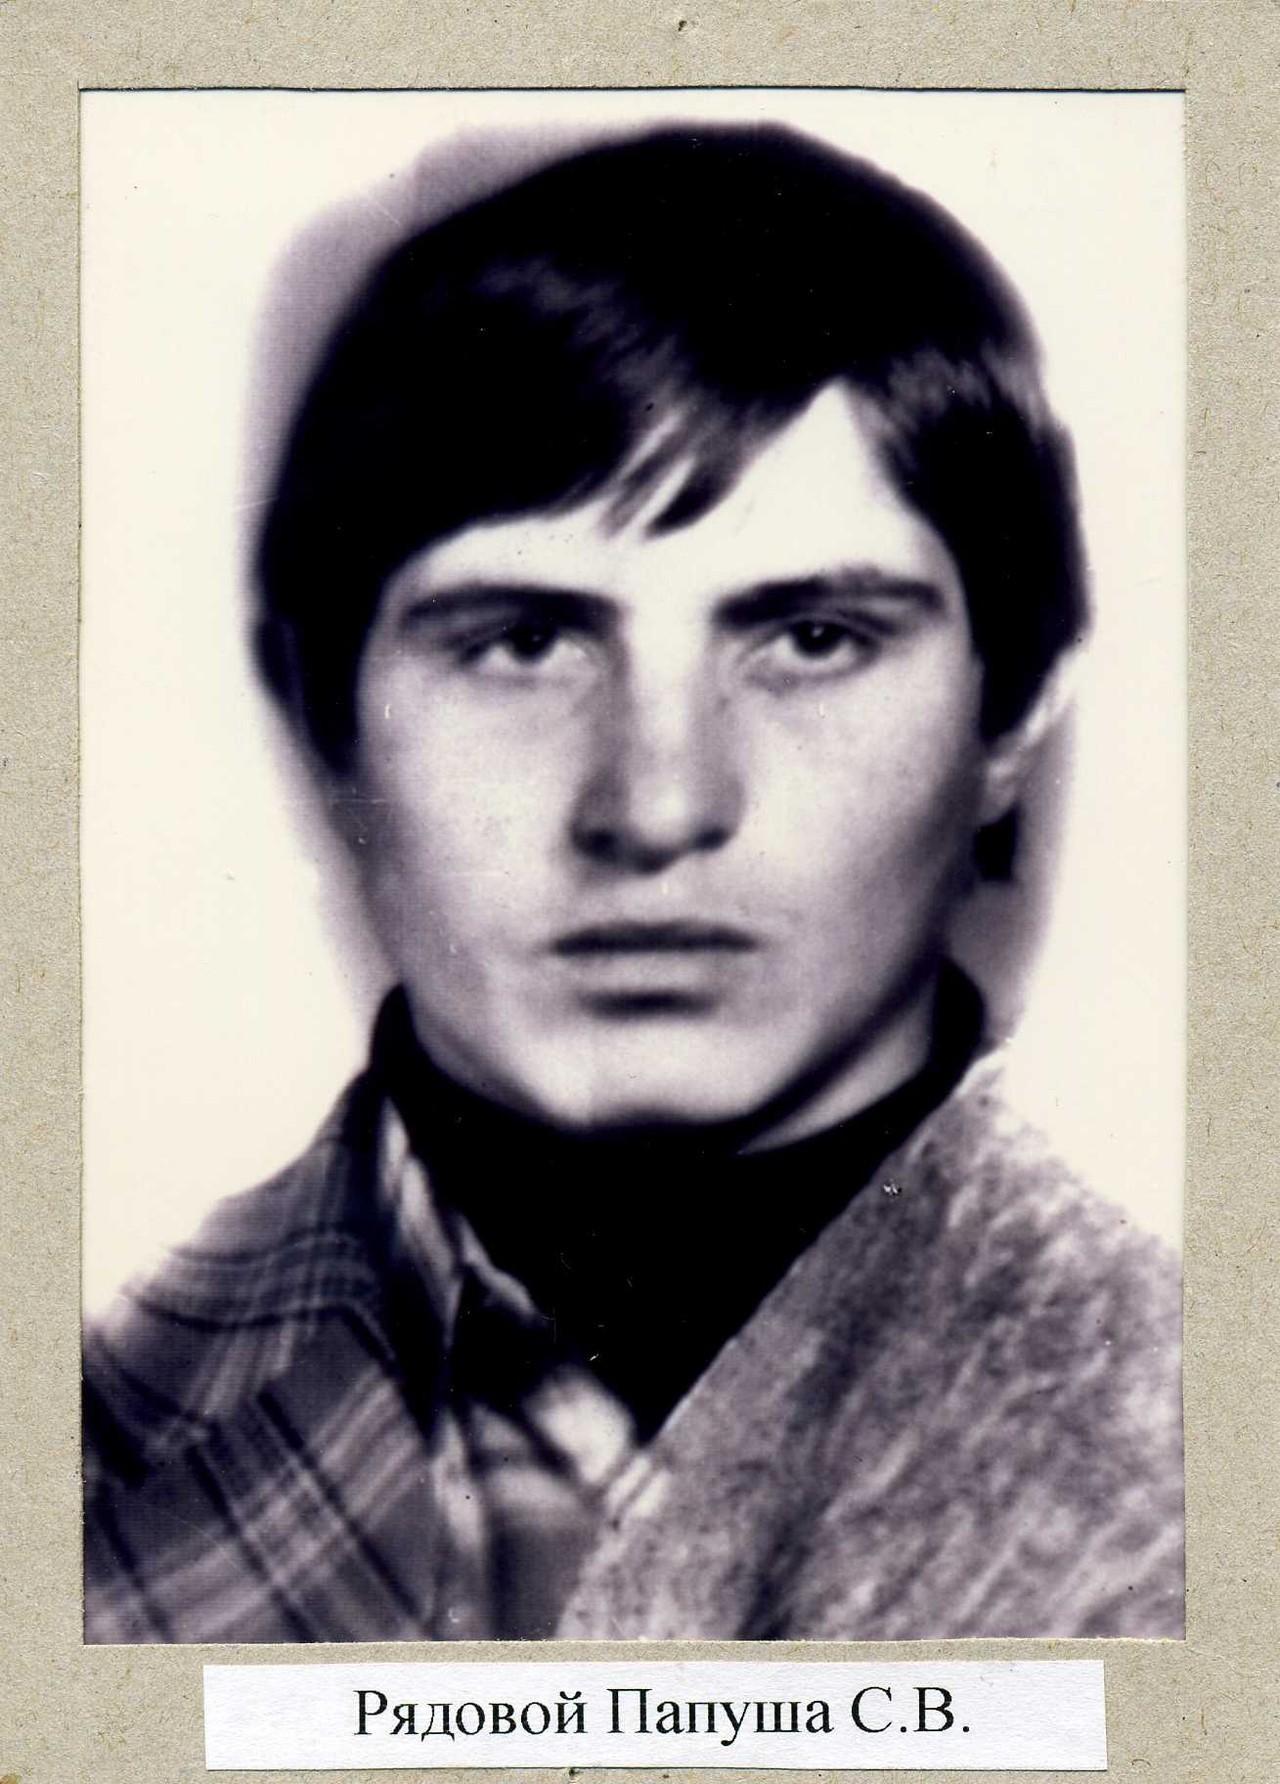 Папуша Сергей Васильевич